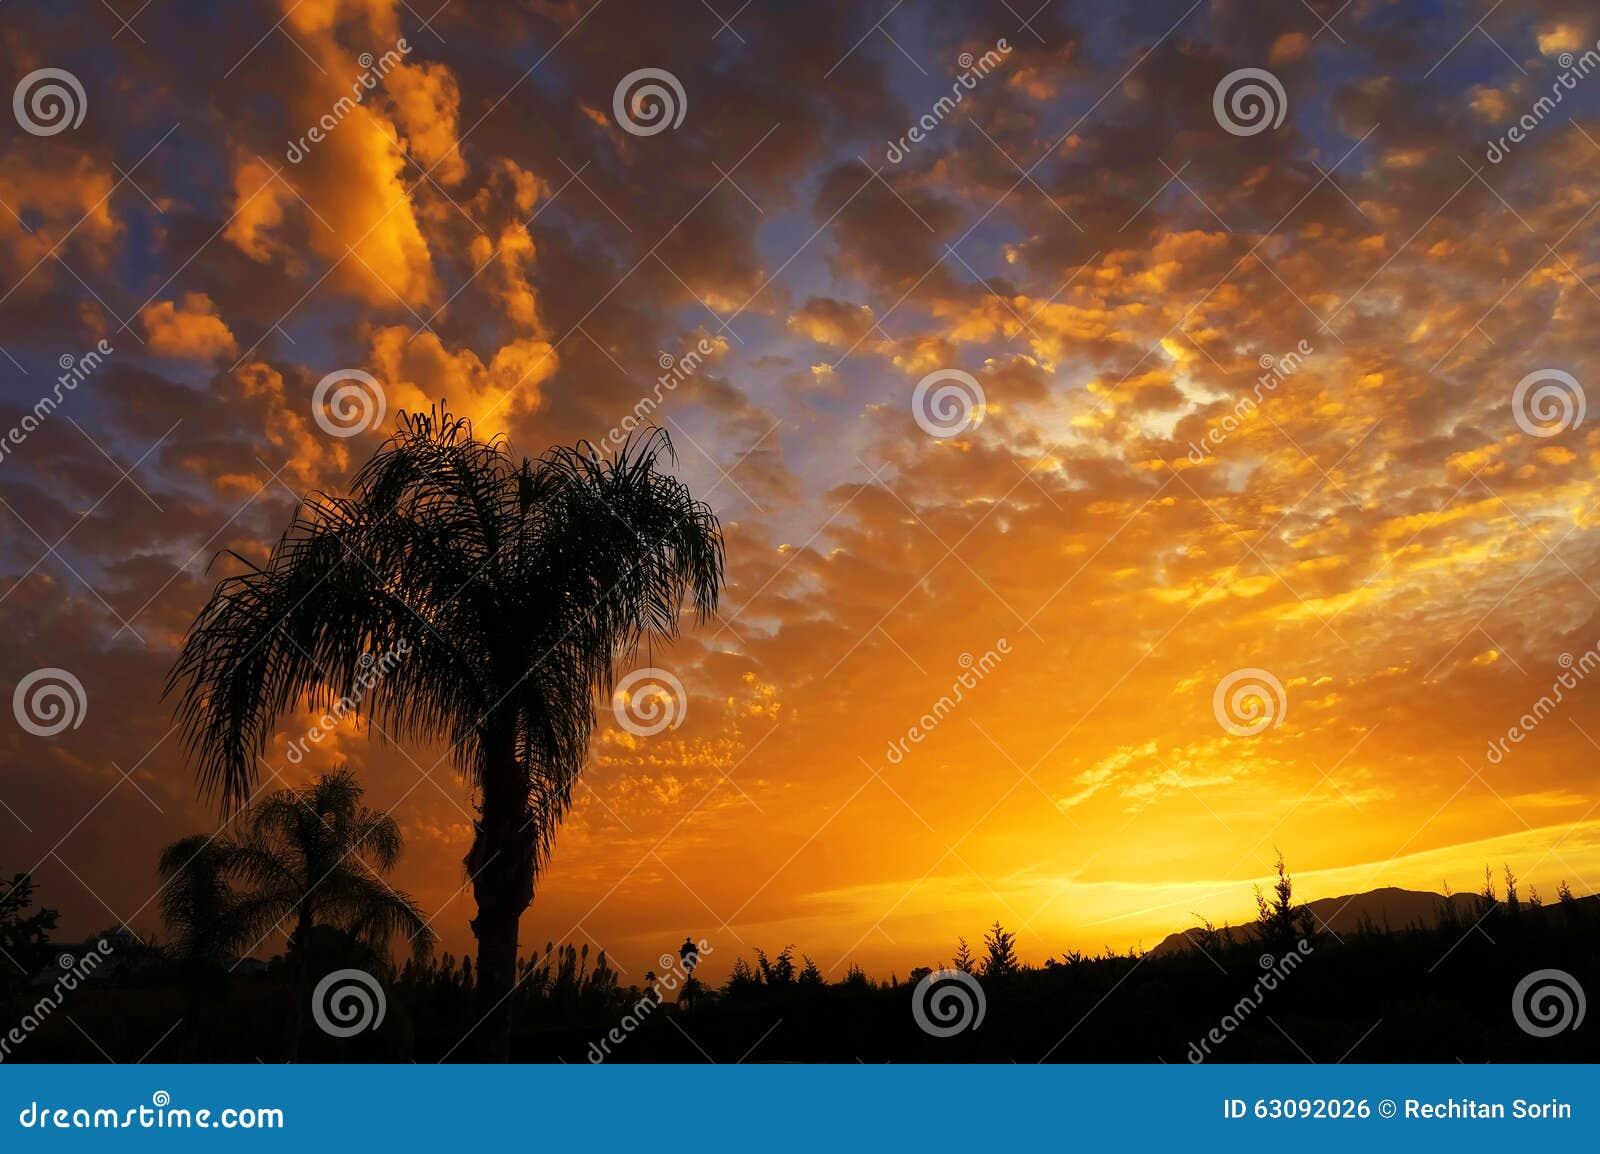 Download Silhouette De Palmier Sur La Plage Tropicale De Coucher Du Soleil Photo stock - Image du côte, horizon: 63092026